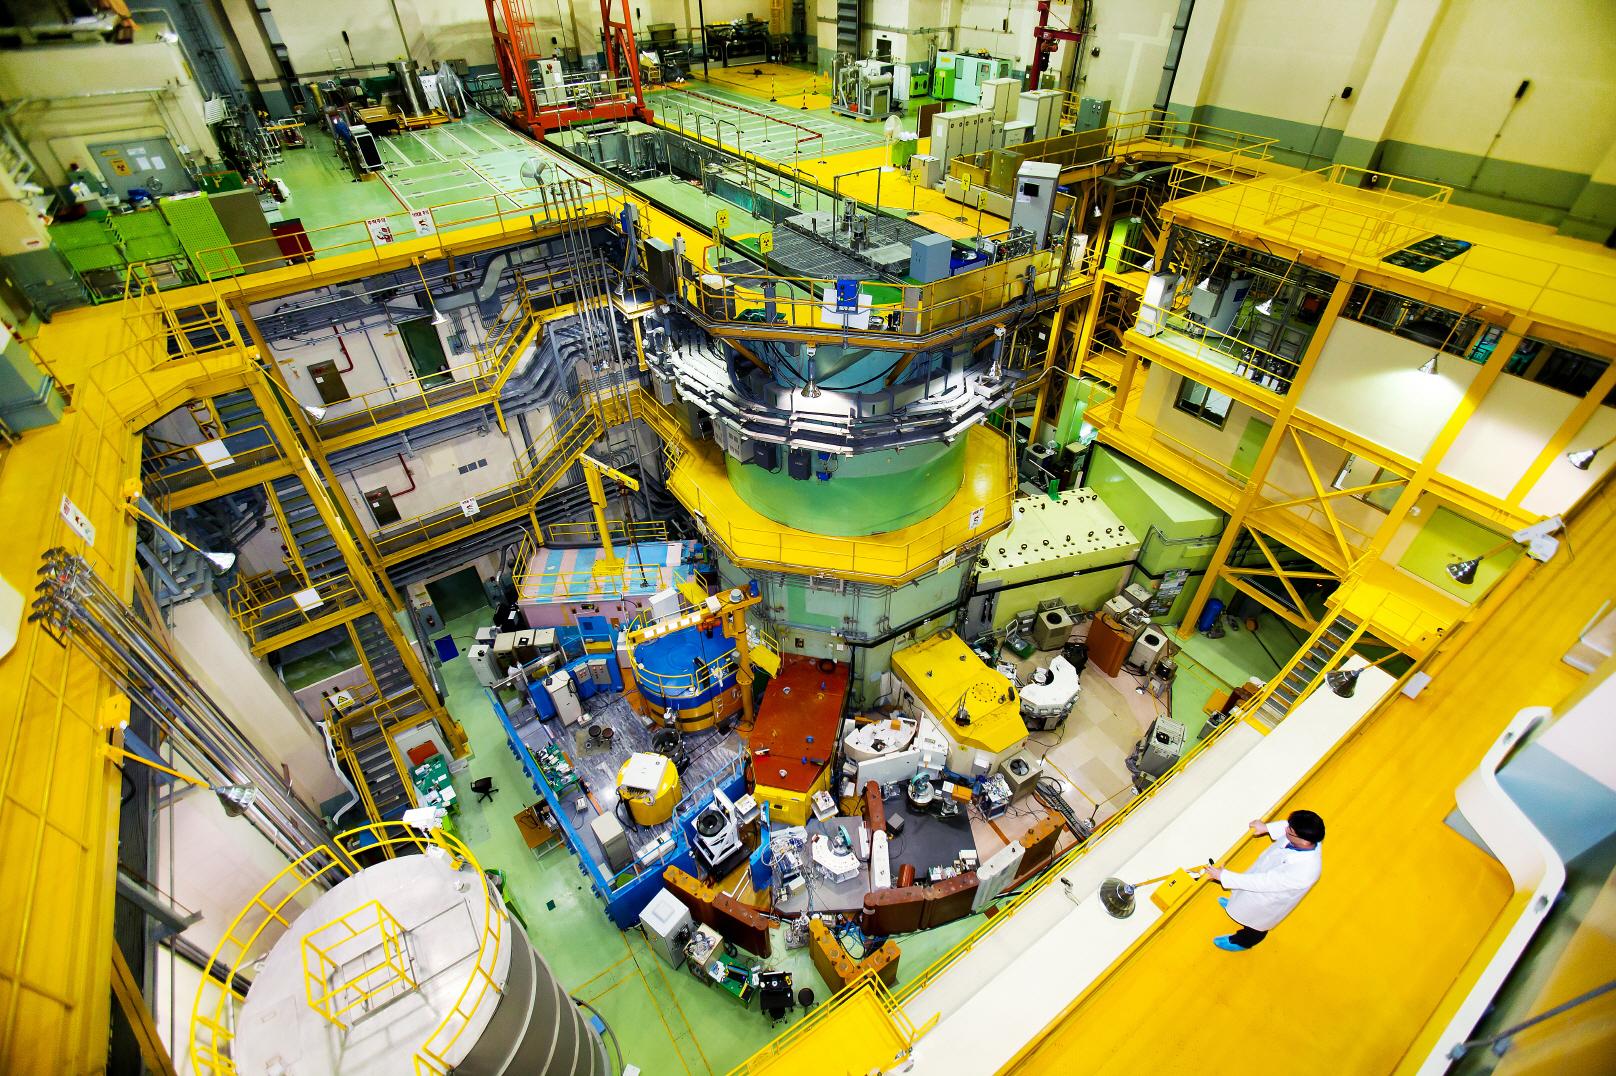 연구용 원자로 '하나로' 가동중단 장기화...의료방사성동위원소 수급 차질